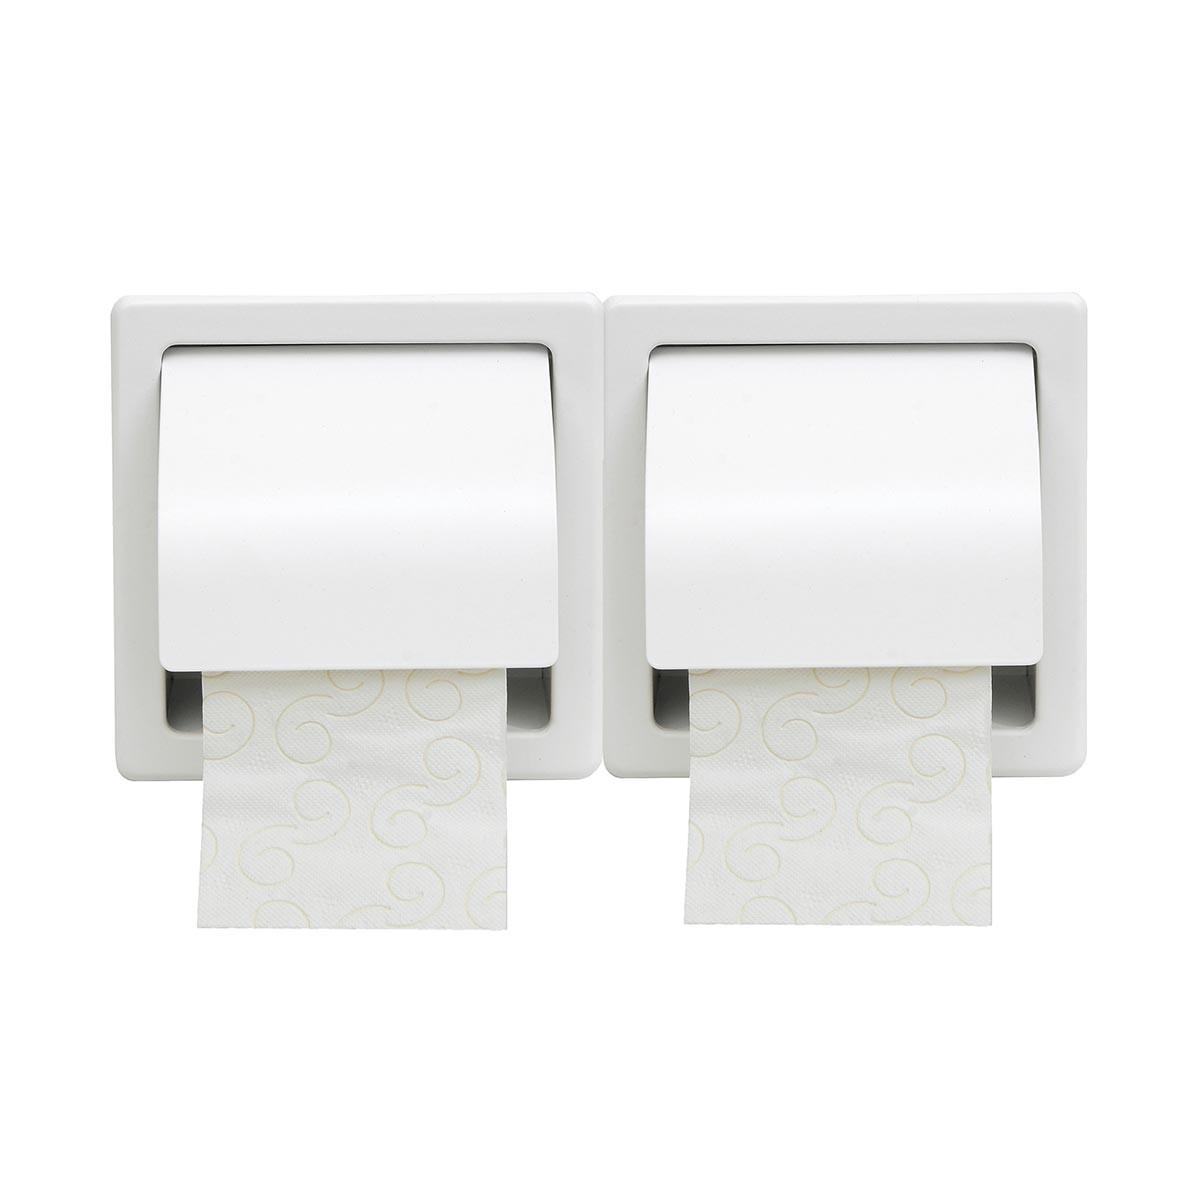 Χαρτοθήκη 2 Θέσεων Με Καπάκι PamCo 110-033 White Matt